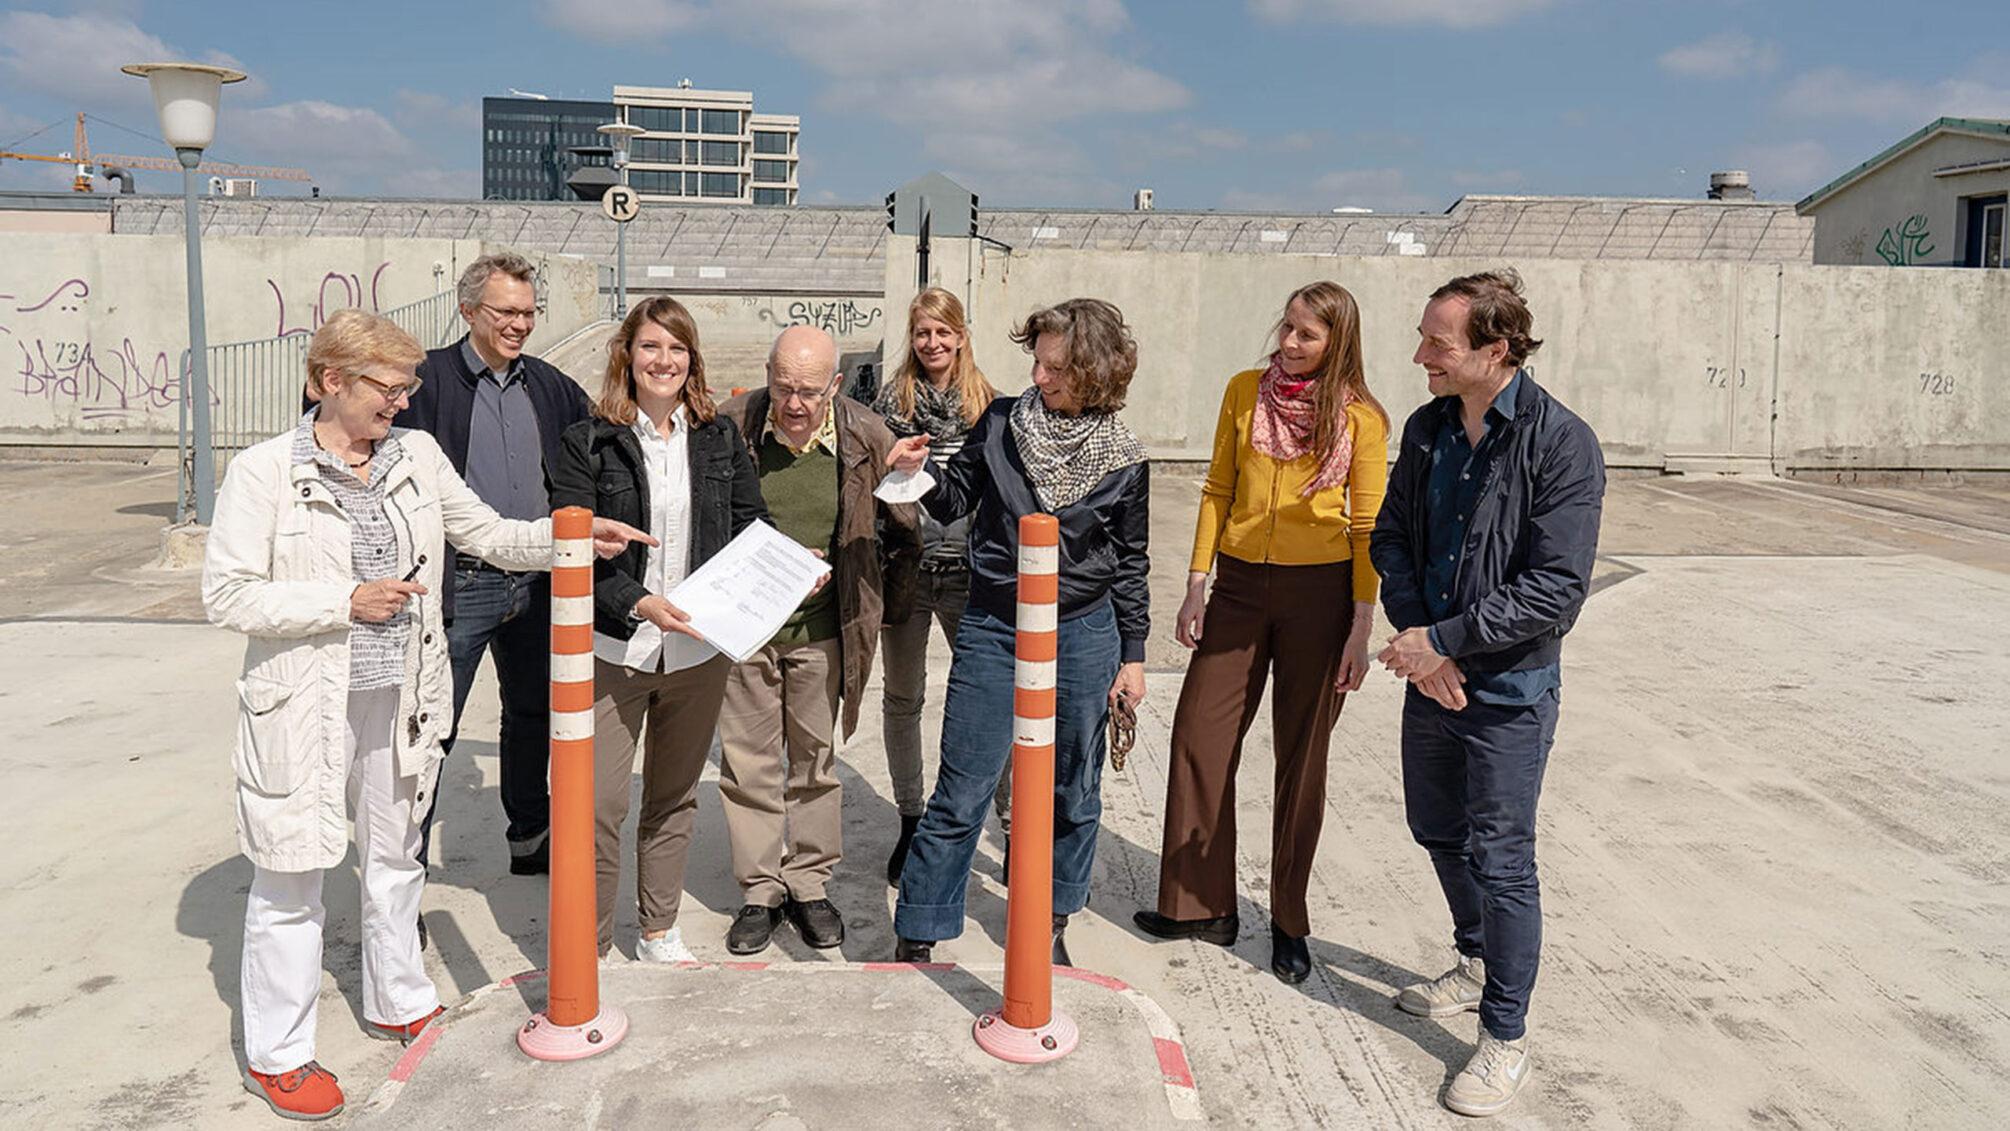 Genossenschaft-Groeninger-Hof-ist-eingetragen